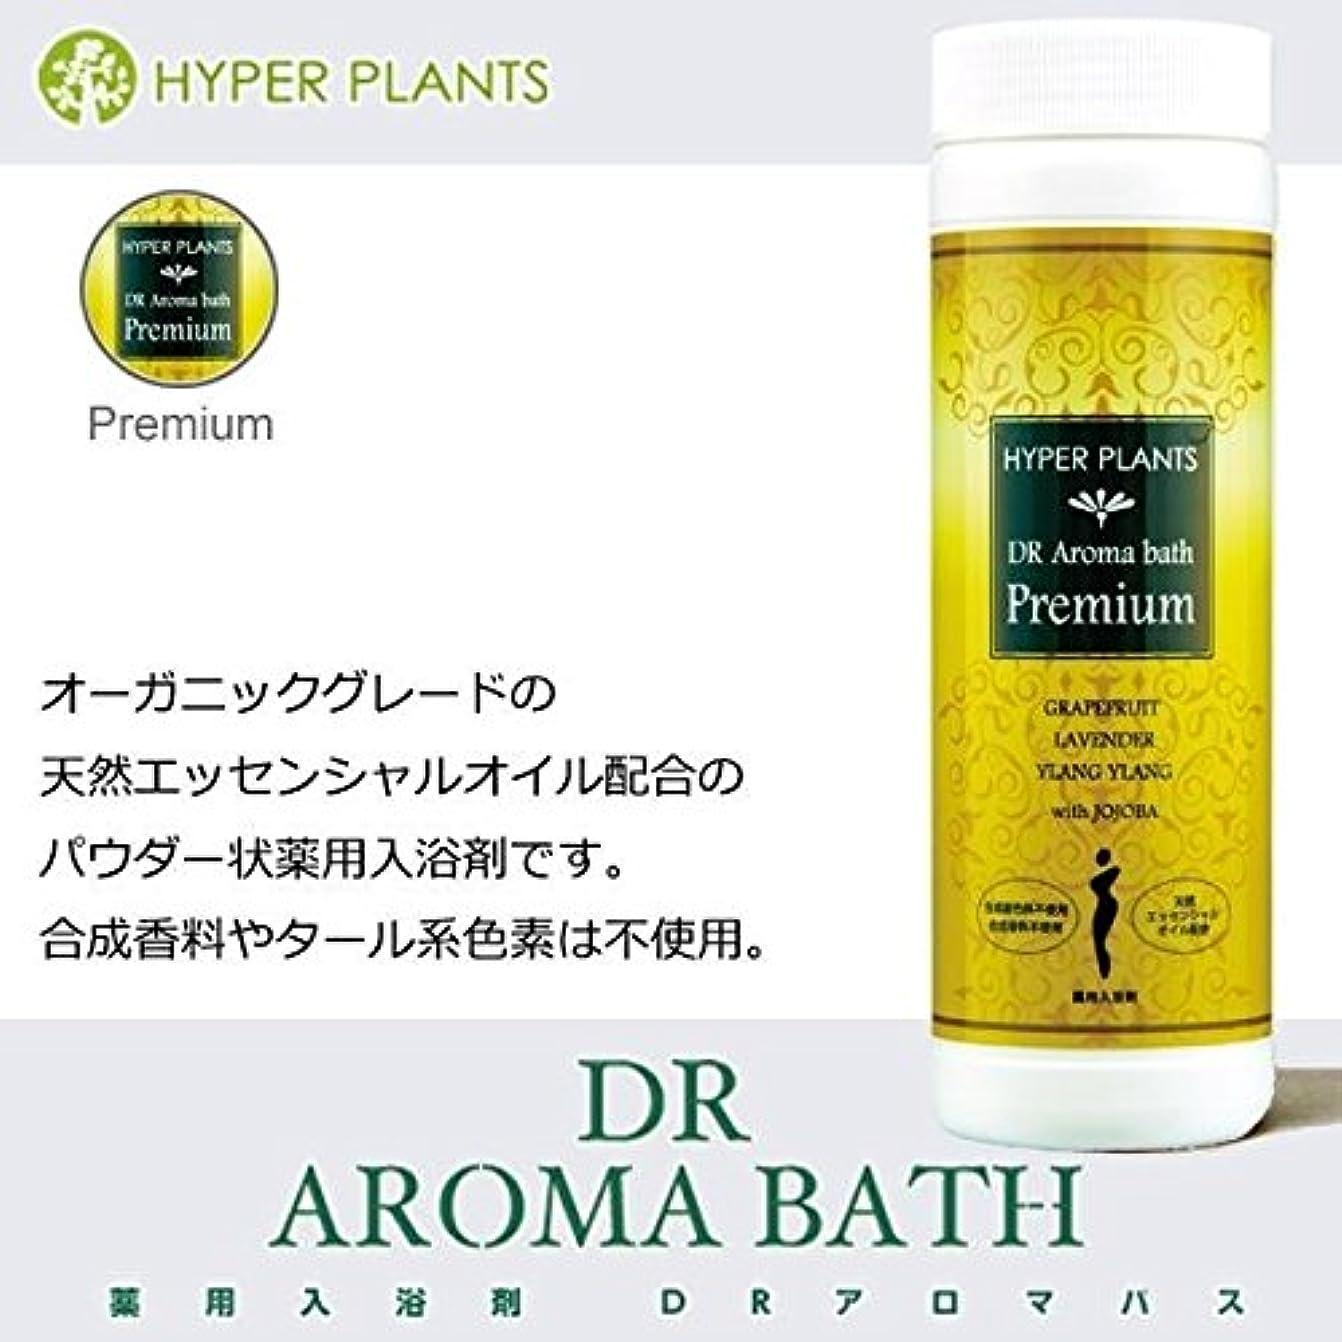 消毒剤然とした排除する医薬部外品 薬用入浴剤 ハイパープランツ(HYPER PLANTS) DRアロマバス プレミアム 500g HN0013